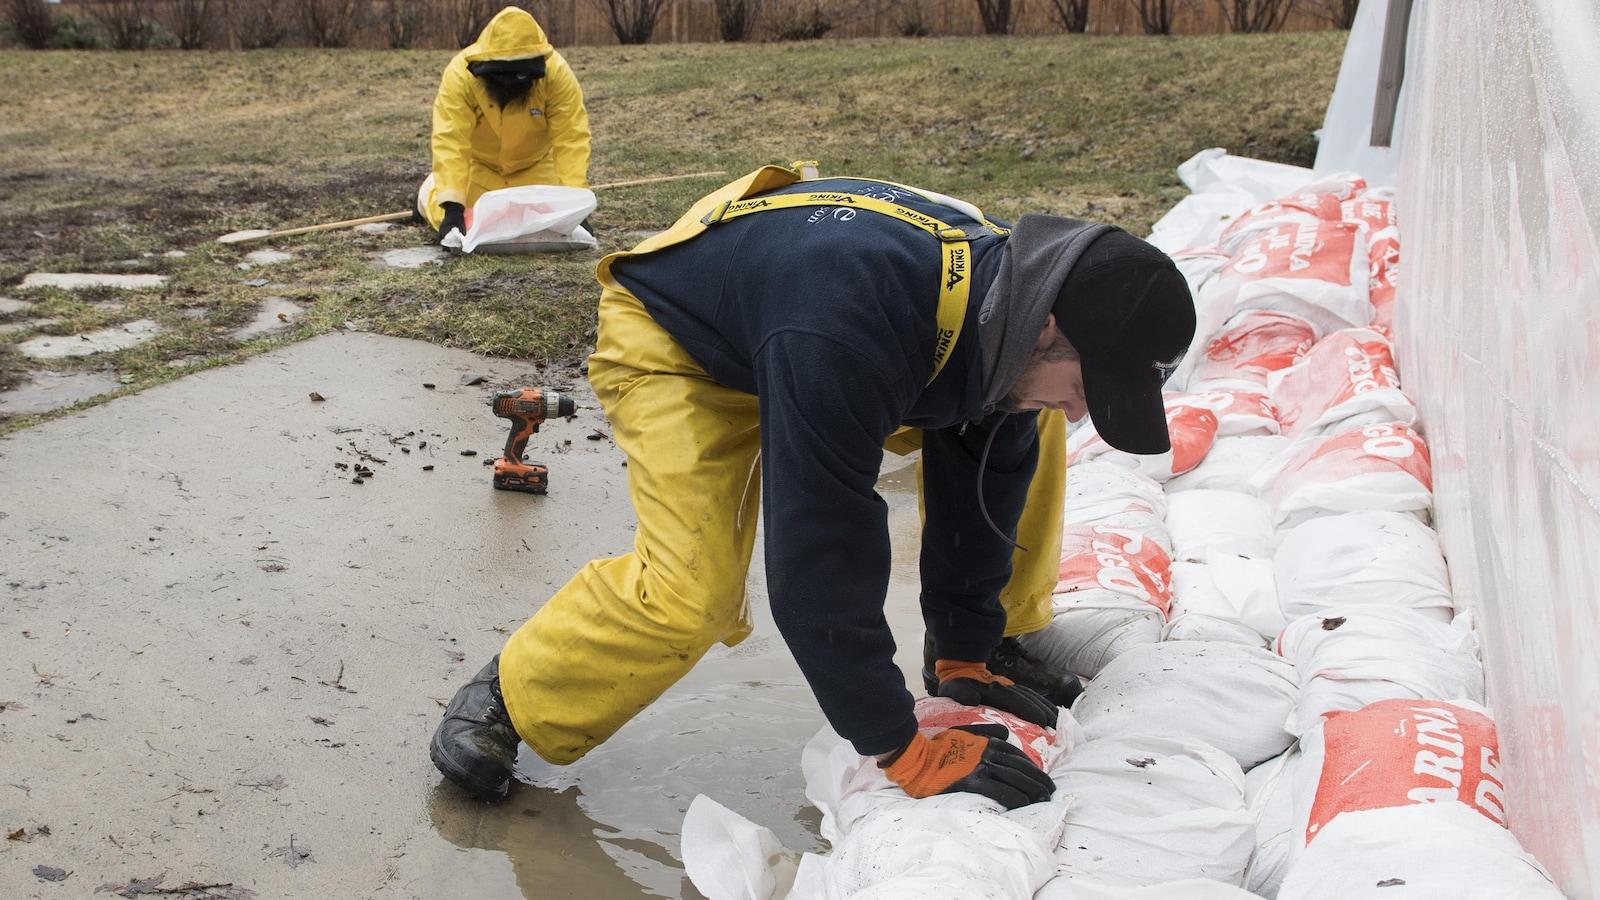 Un homme pose un sac de sable à côté de la fondation d'une maison dans la ville de Hudson, à l'ouest de Montréal, le vendredi 19 avril 2019.